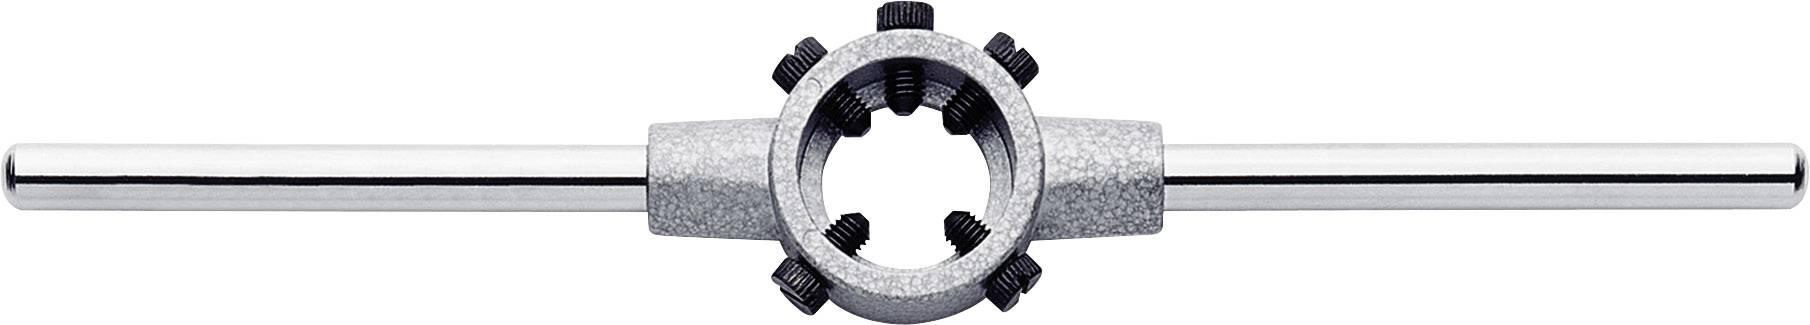 Držák pro řezání vnějších závitů DIN 255 Exact M 12